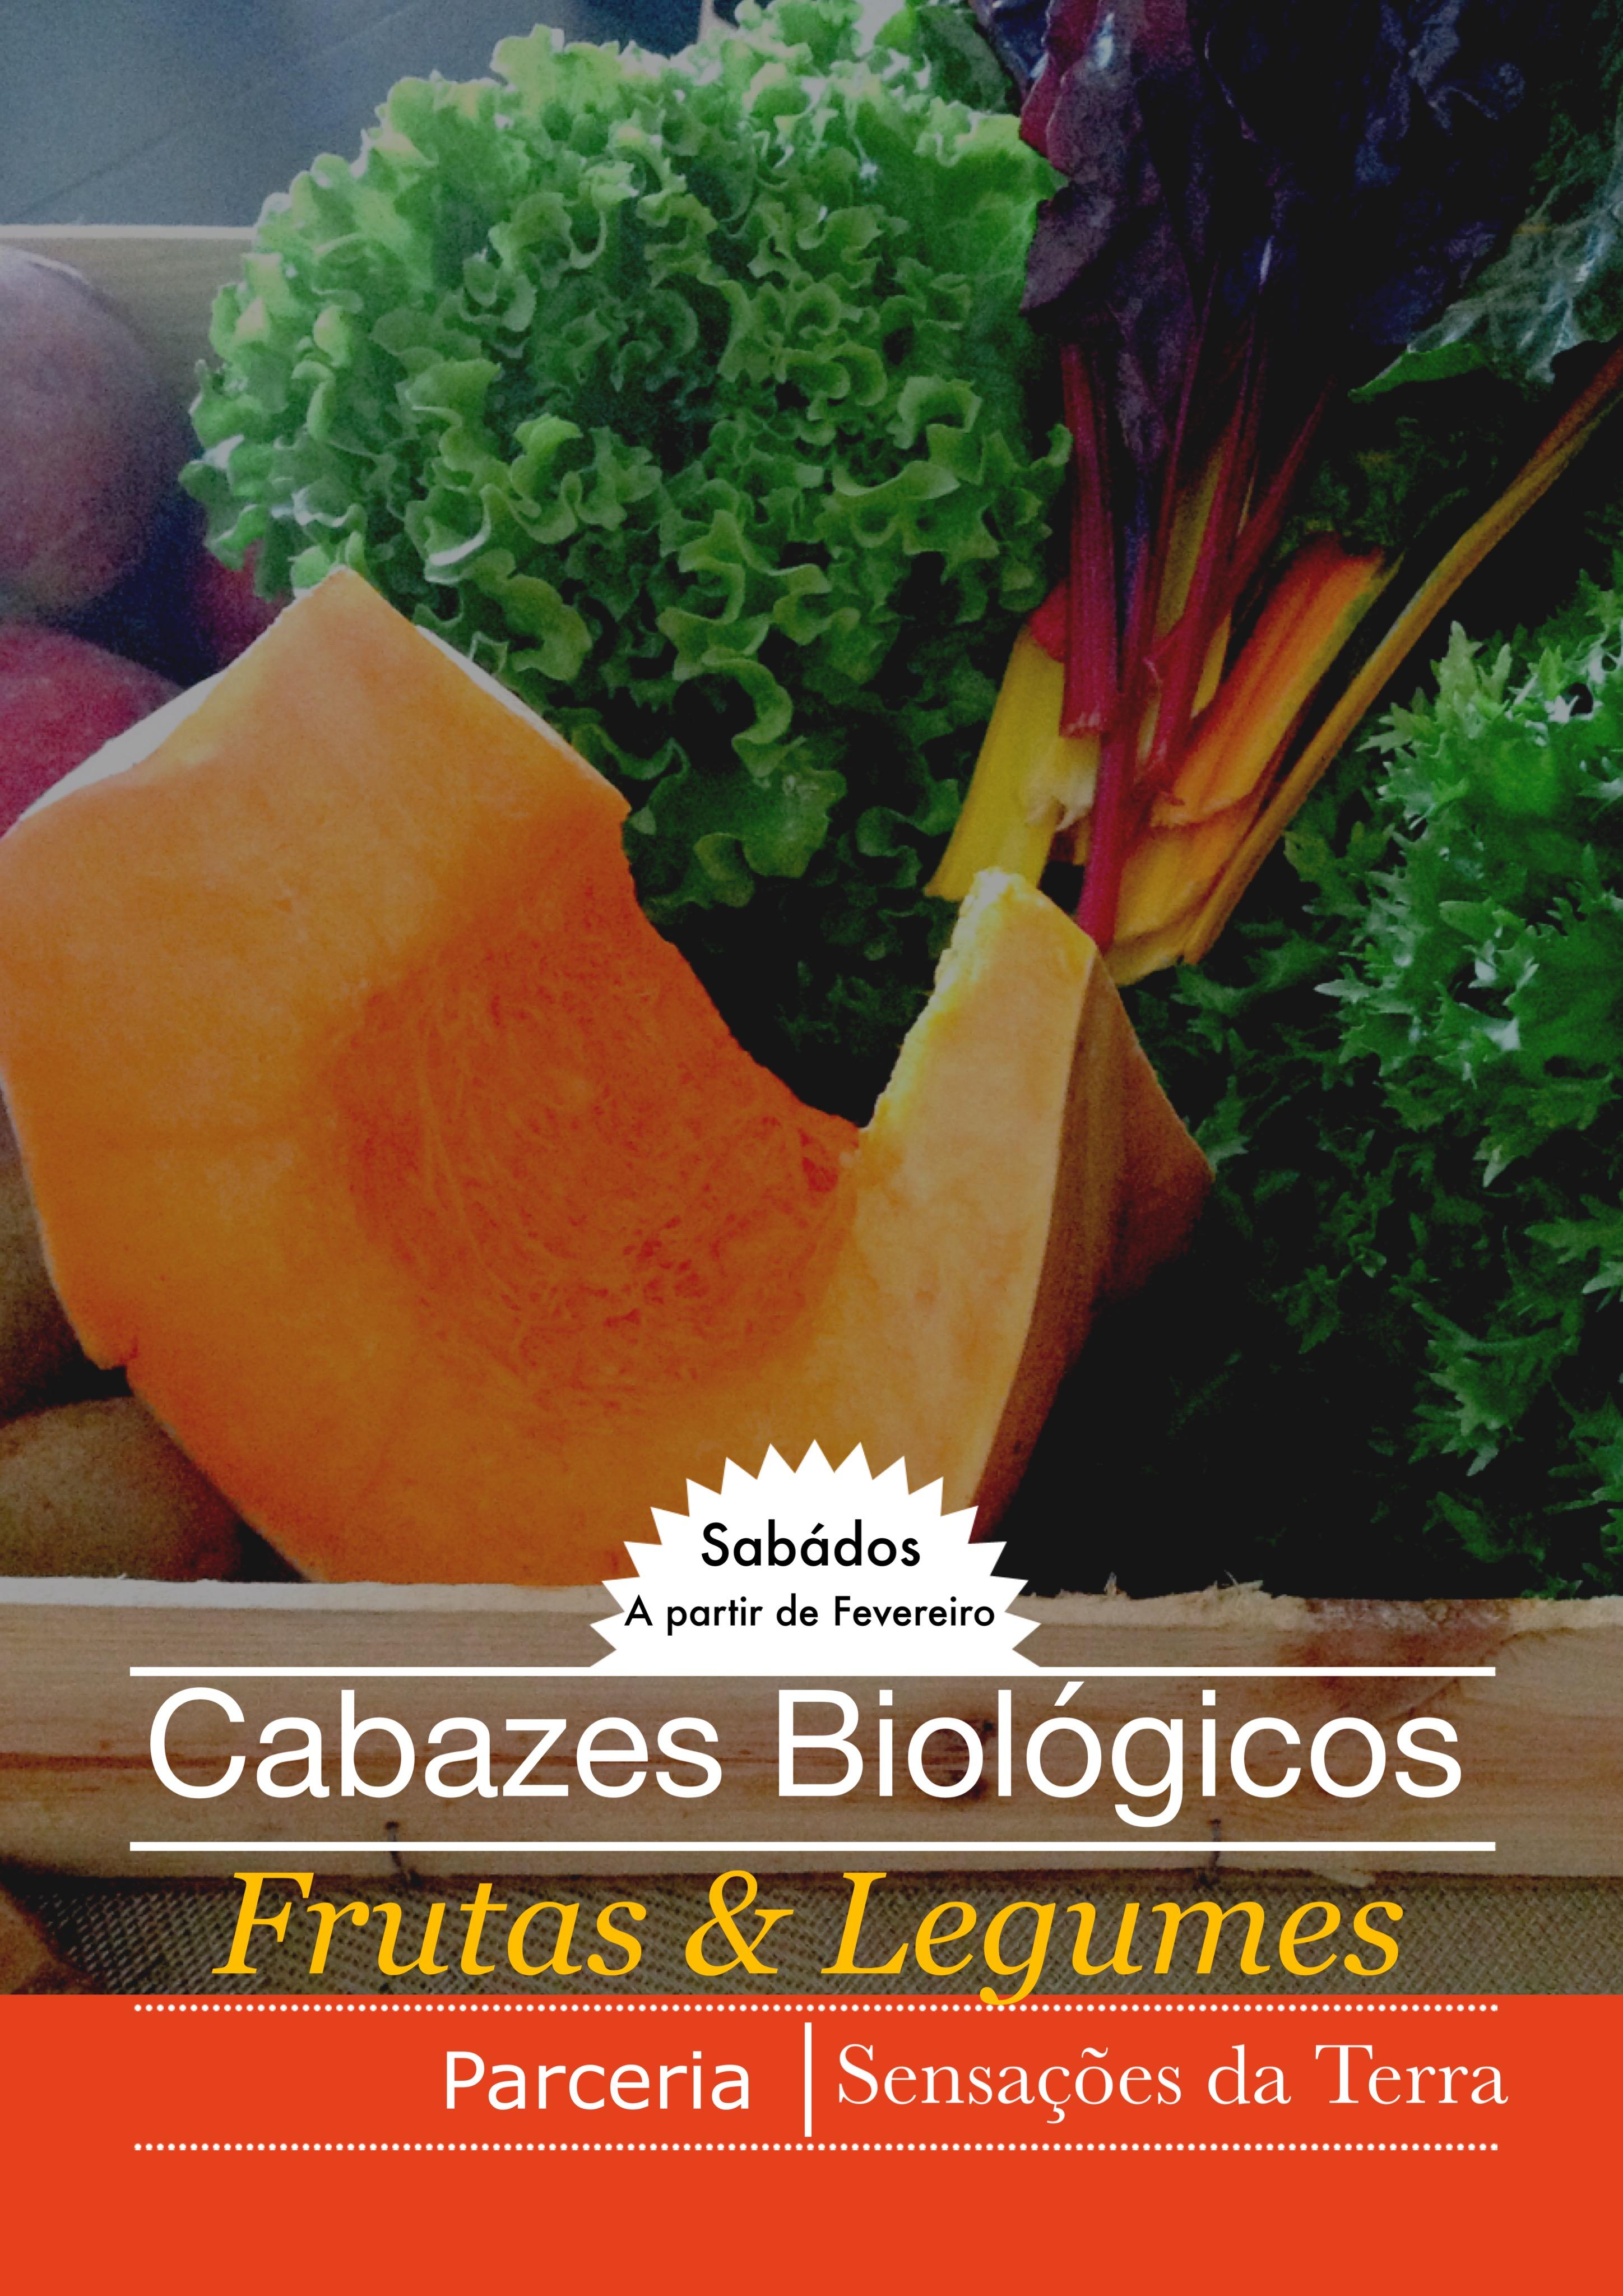 Cabazes Biológicos